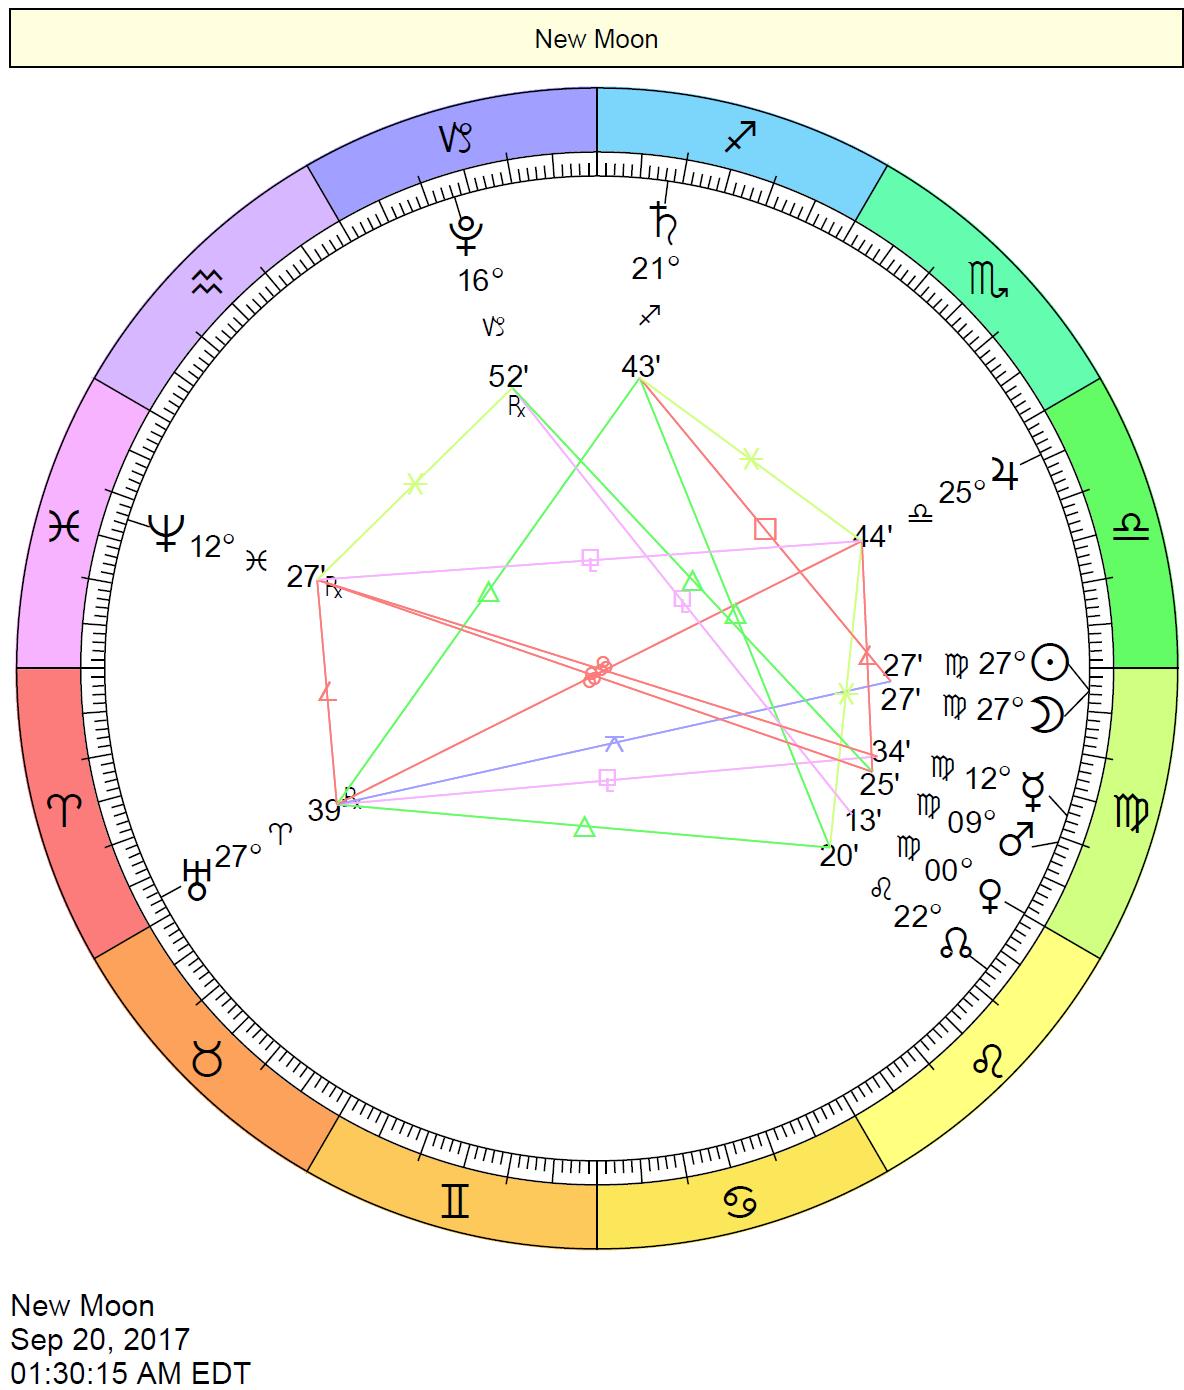 New Moon in Virgo chart on September 20, 2017